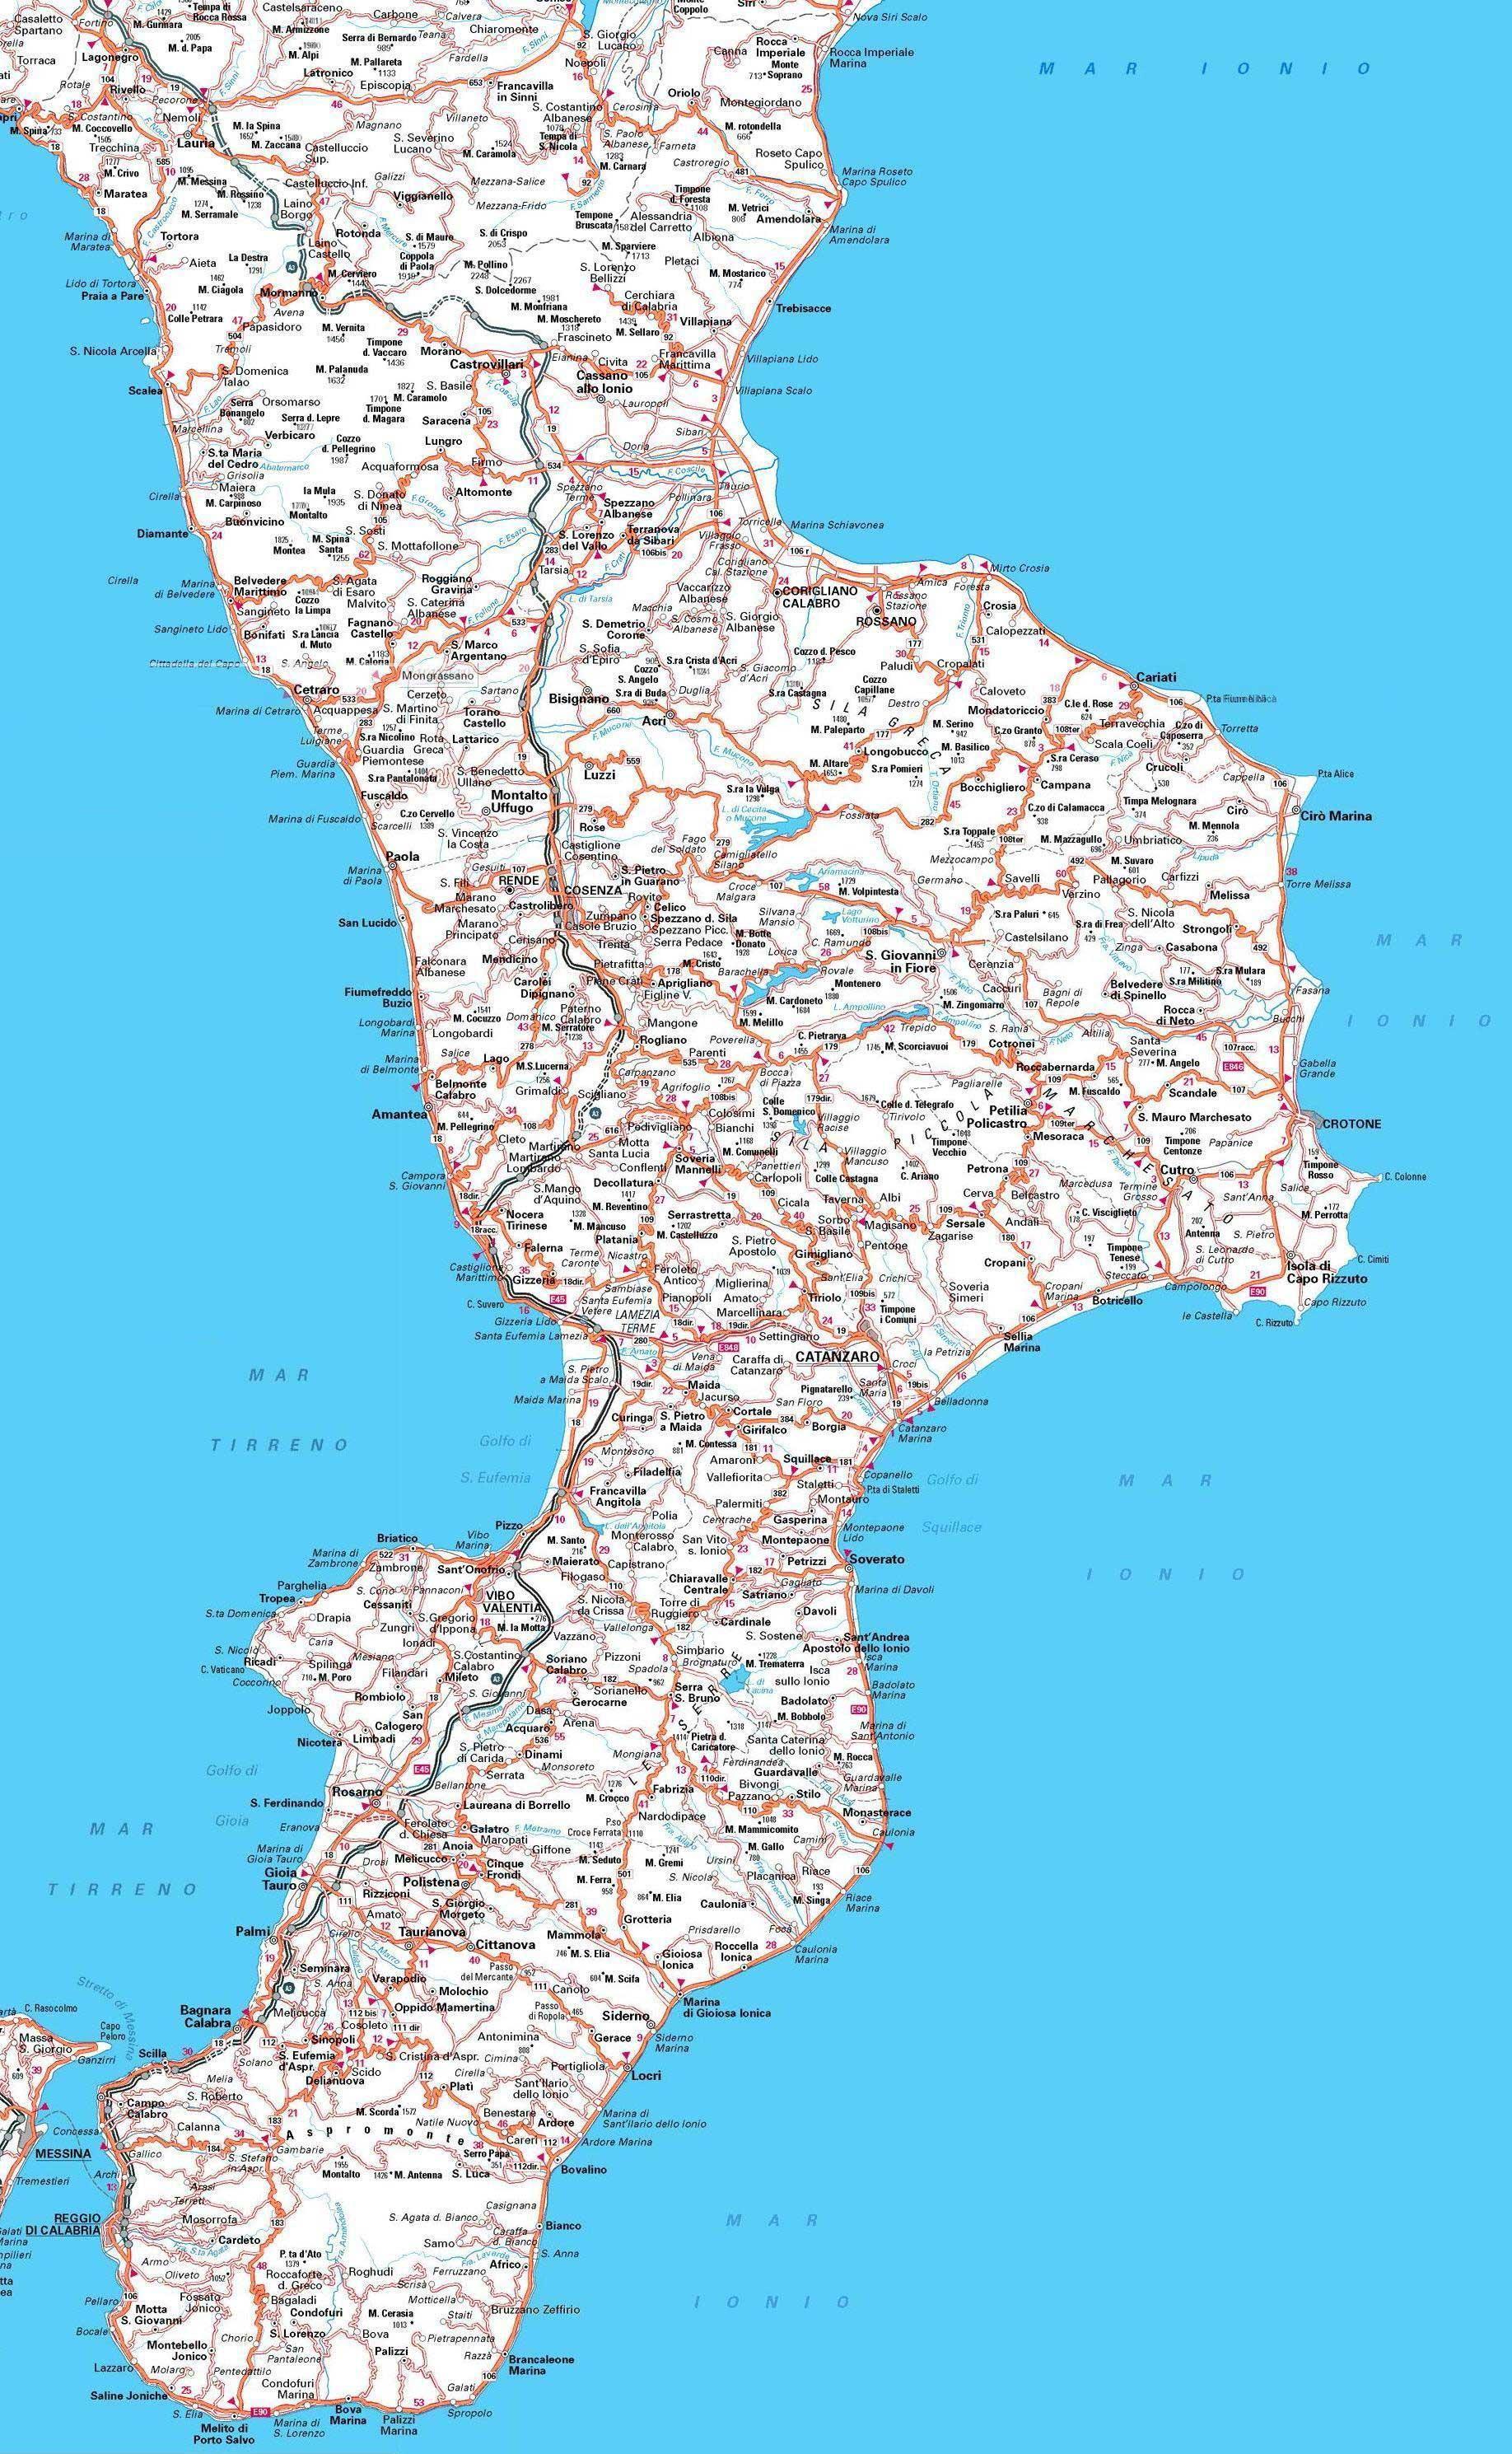 Calabria Costa Tirrenica Cartina.Calabria Carta Stradale